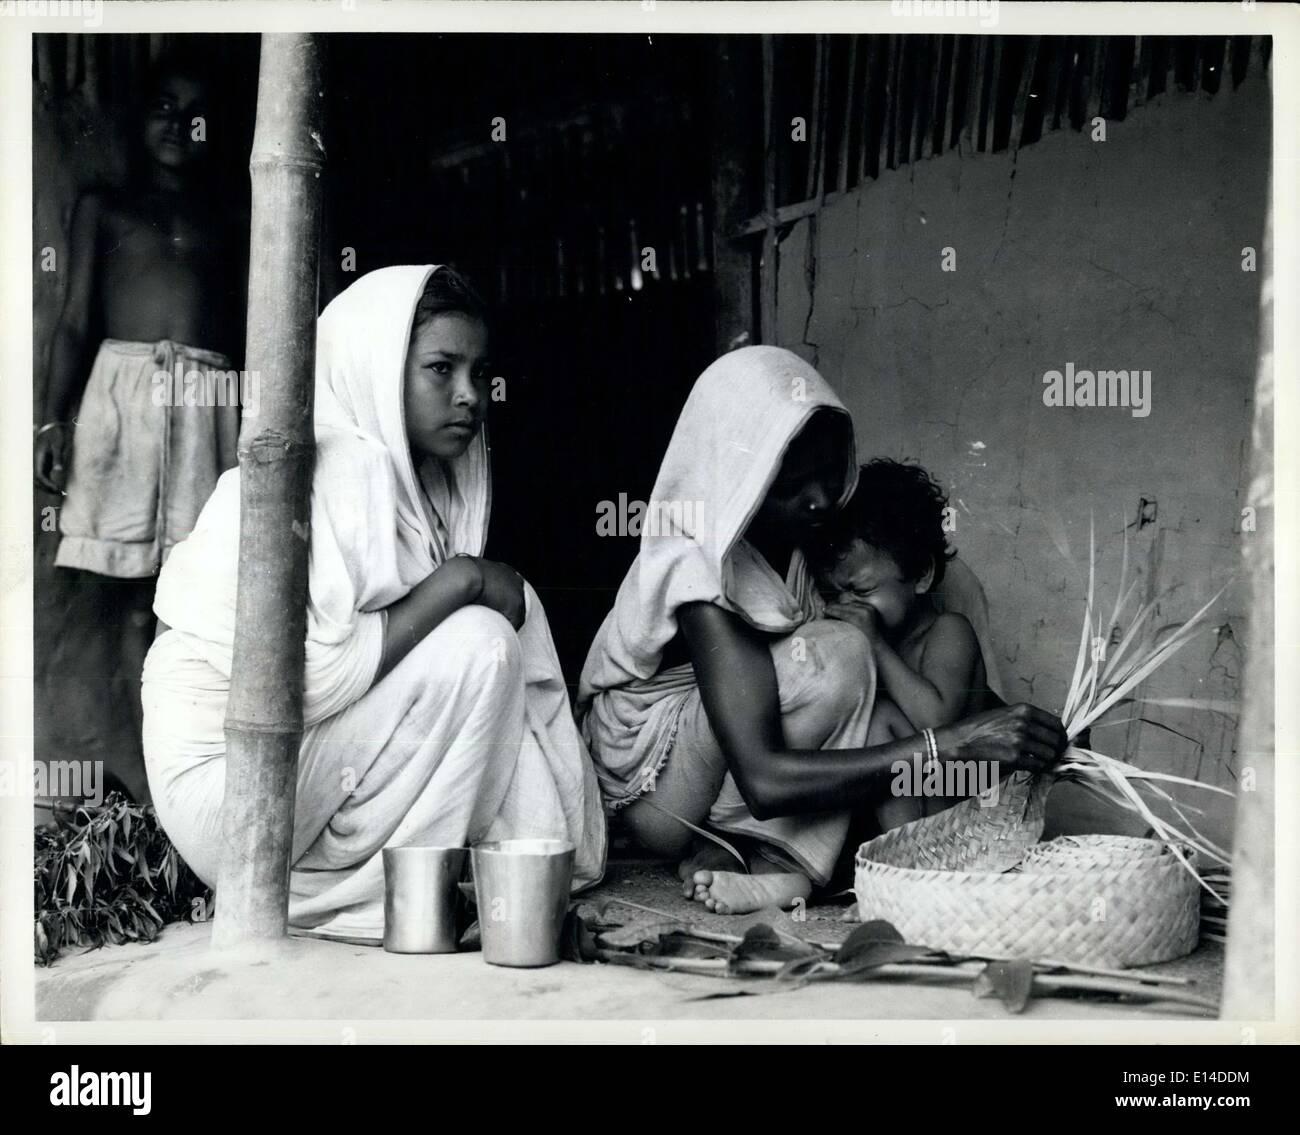 Le 17 avril 2012 - Pakistan élargit son programme de développement des collectivités: Pour aider le gouvernement du Pakistan dans l'expansion de son programme pour aider à résoudre les problèmes sociaux, l'Organisation des Nations unies pour l'enfance (UNICEF) fournit des experts, du matériel et des fournitures pour le gouvernement pour les projets de développement communautaire. Jeune mère pakistanaise continue calmement le tissage des tapis de feuilles de palme qu'elle la réconforte bébé qui pleure. Ils sont parmi les nombreuses qui bénéficient de projets de développement communautaire institué par le gouvernement du Pakistan. Photo Stock